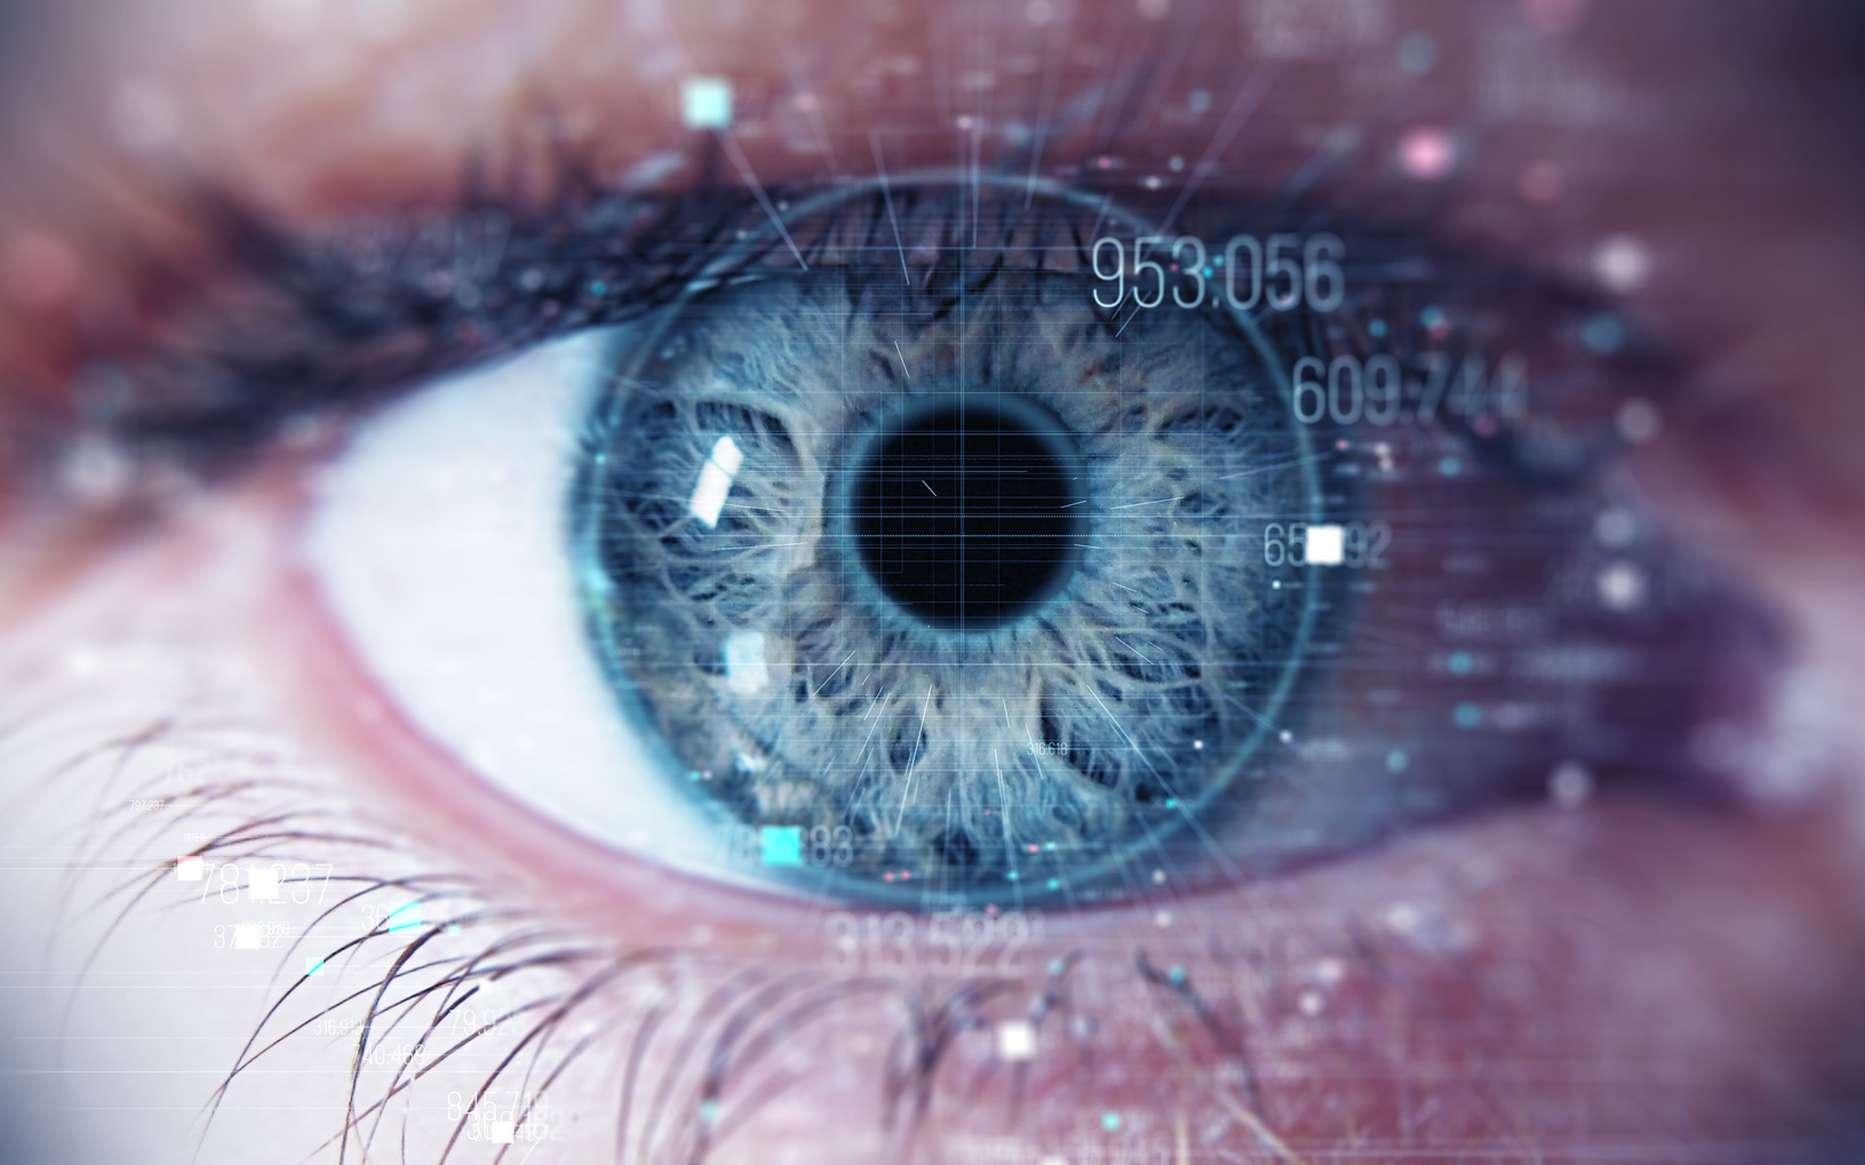 Le regard peut trahir les mouvements des doigts lorsque l'on tape un code secret sur son smartphone. © Spainter_vfx, Fotolia